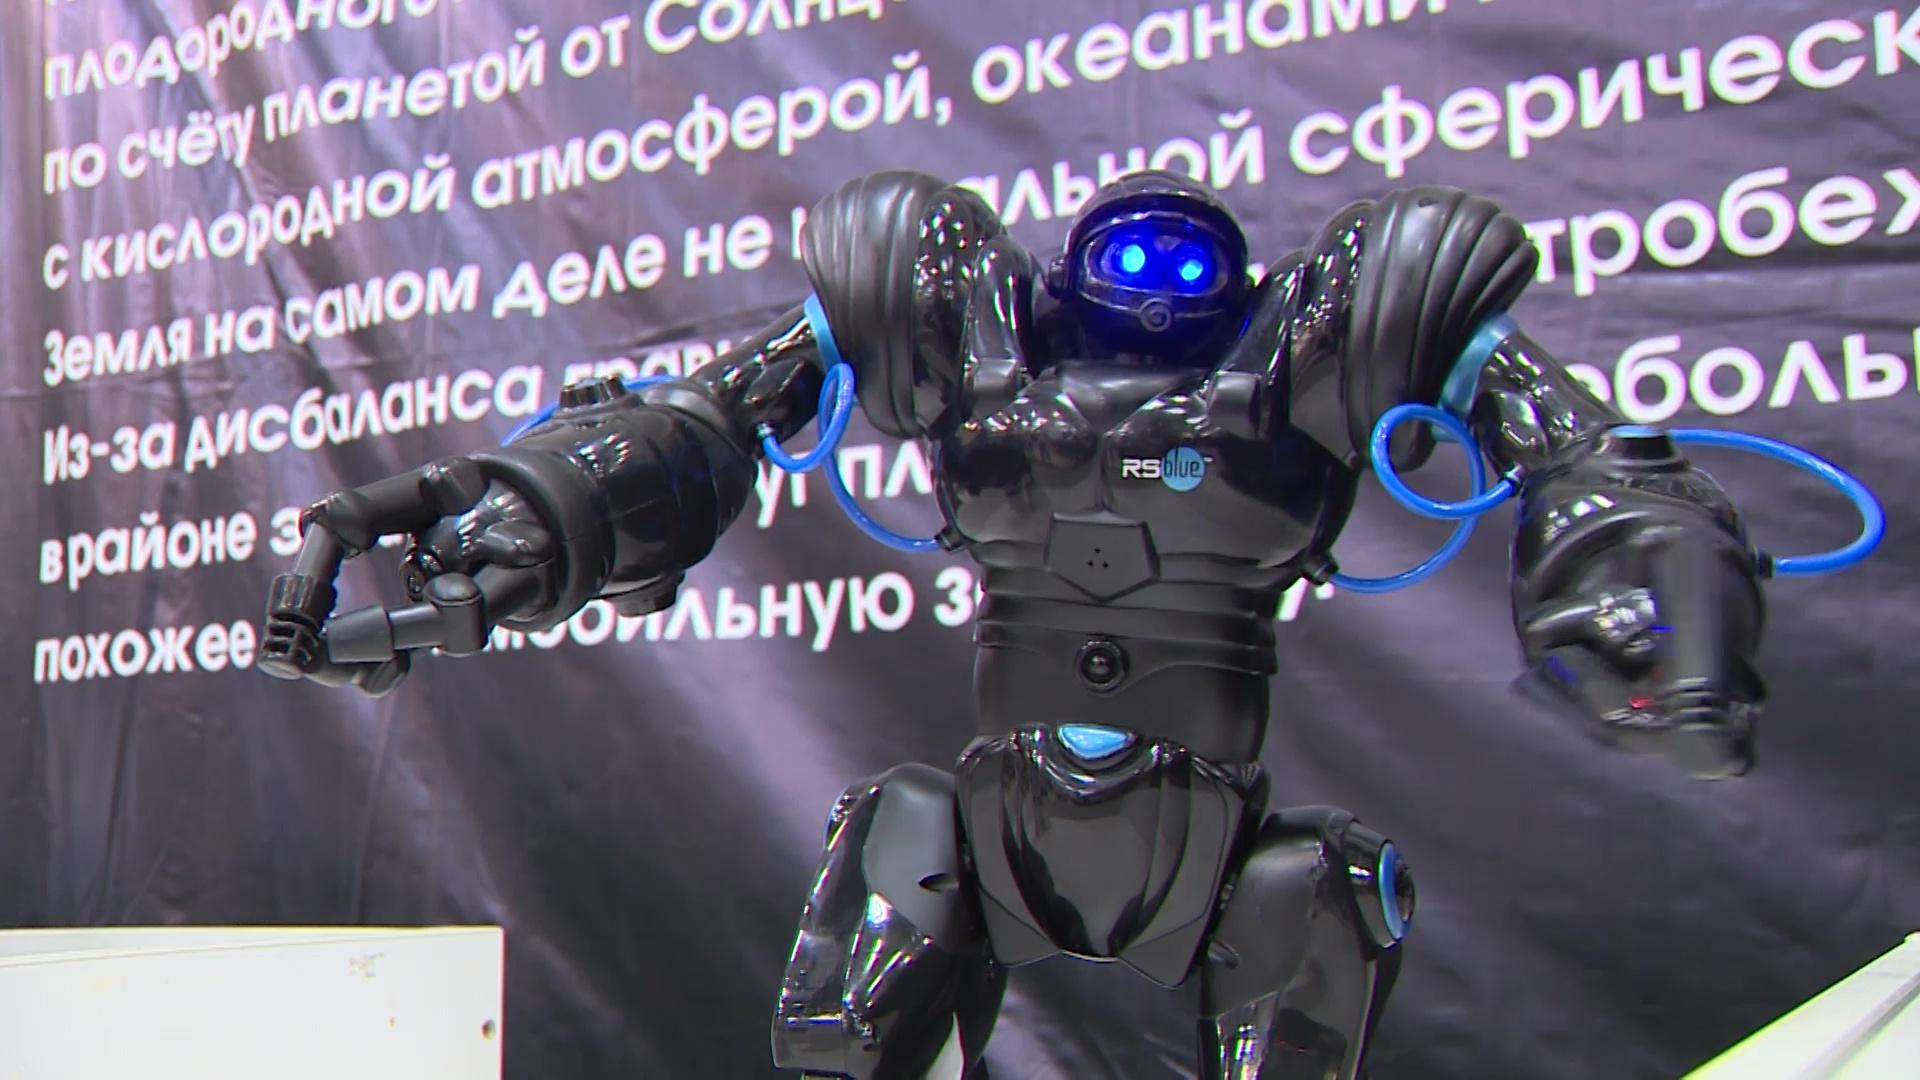 В Ярославле открылась выставка Роботов и космических технологий